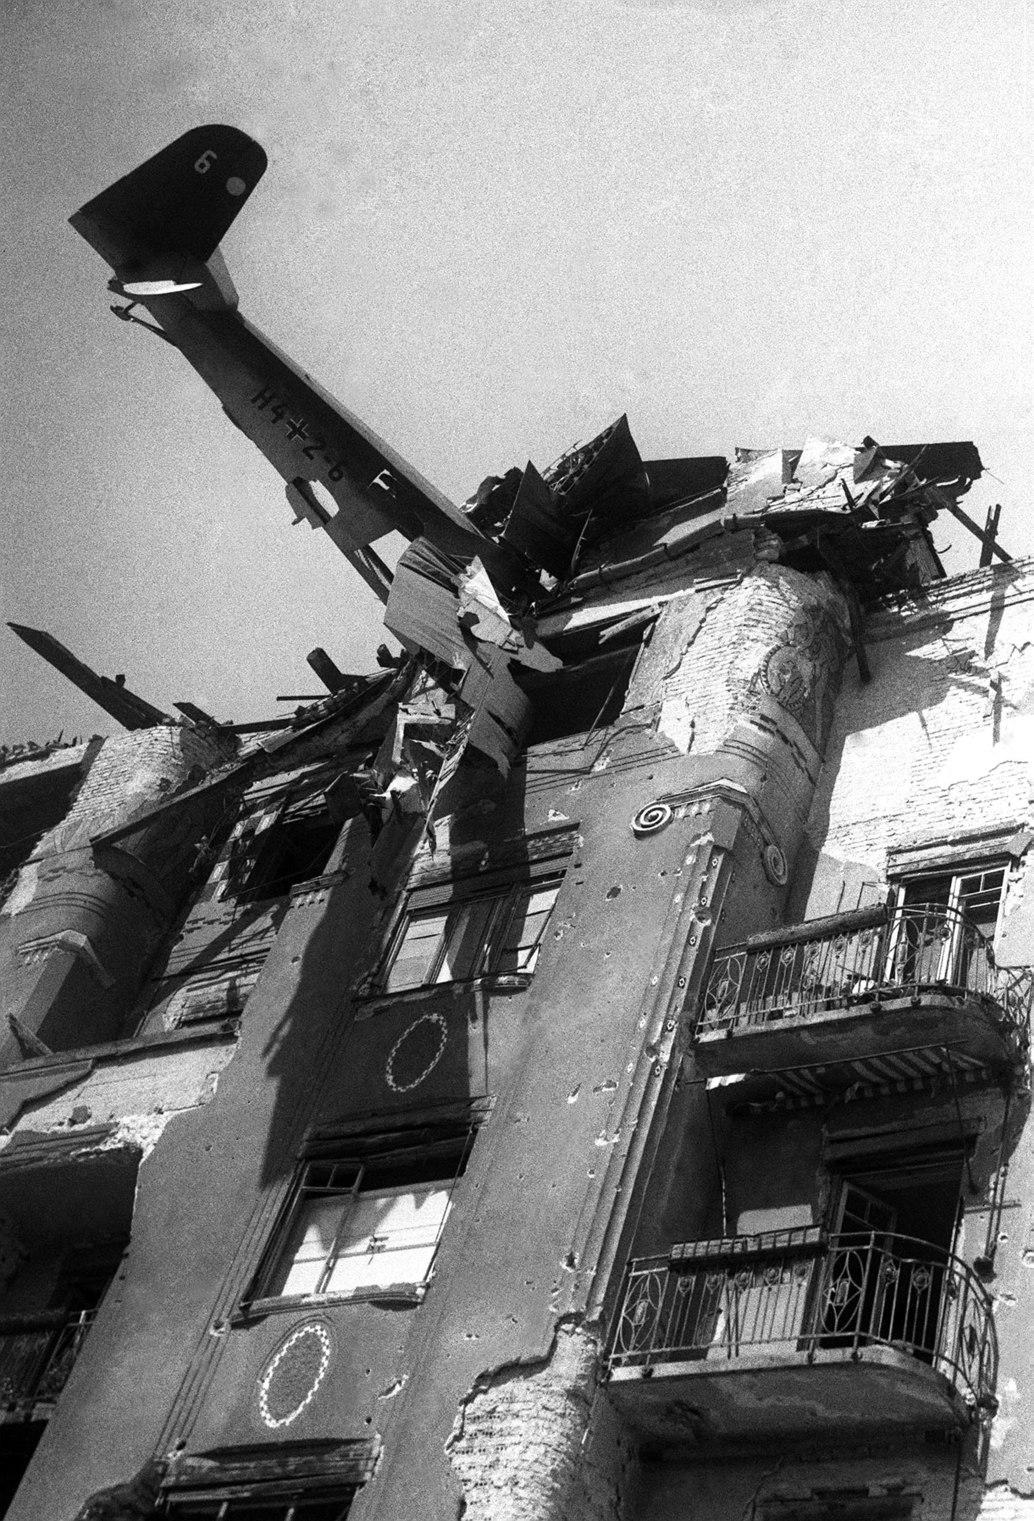 Budapest, 1945 Vitorlázó repülőgép a budapesti Attila út 37. számú lakóház tetején. Dokumentumkép Budapest ostromáról.  MTI Fotó: Bojár Sándor